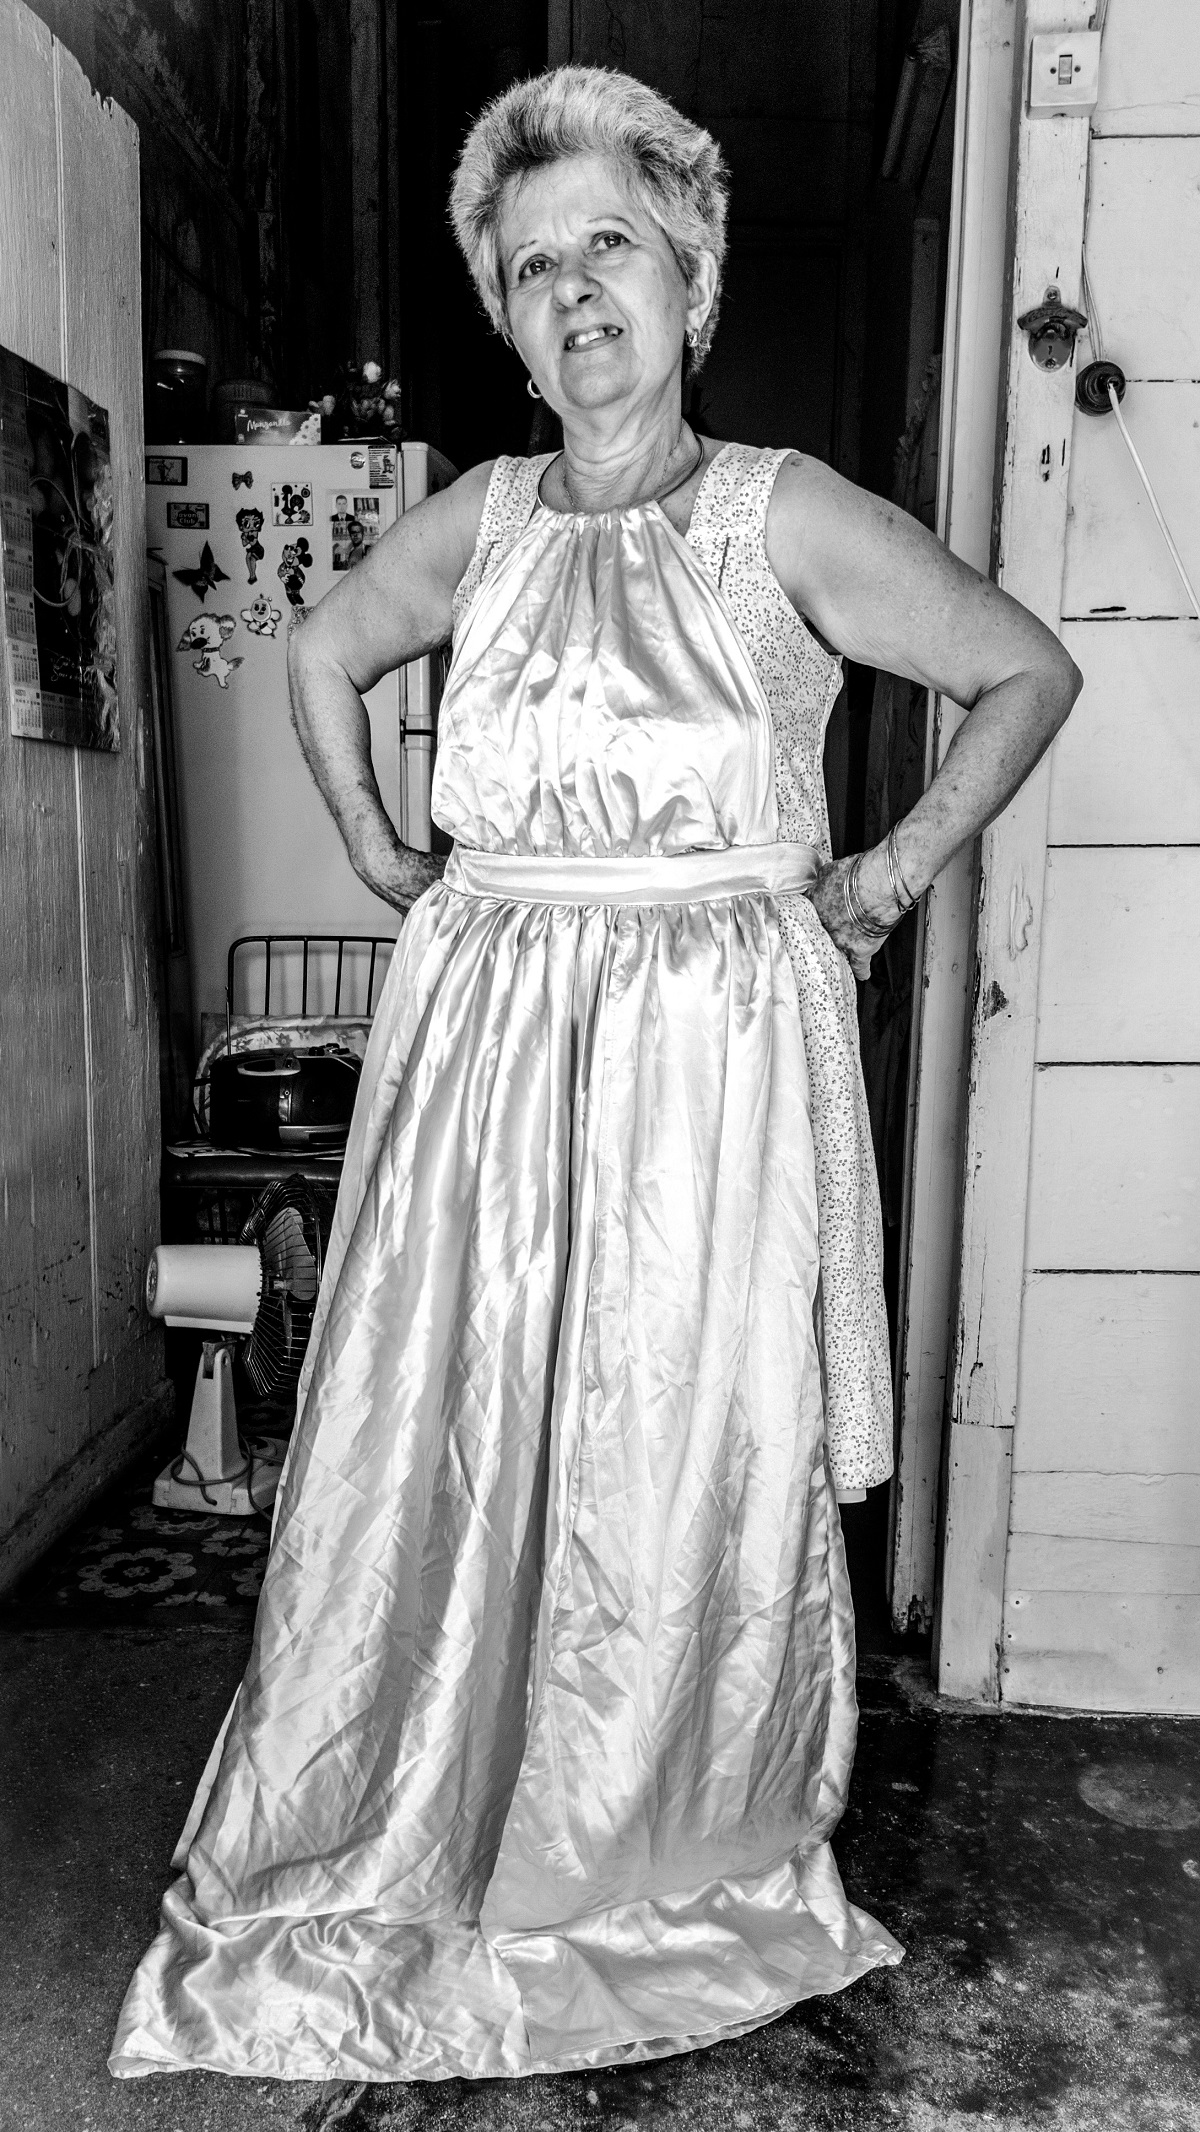 Photo noir et blanc. Une dame d'un certain âge pose à l'entrée d'une cuisine (un frigo est visible en arrière-plan). Elle a posé une robe habillée par-dessus sa robe de tous les jours.